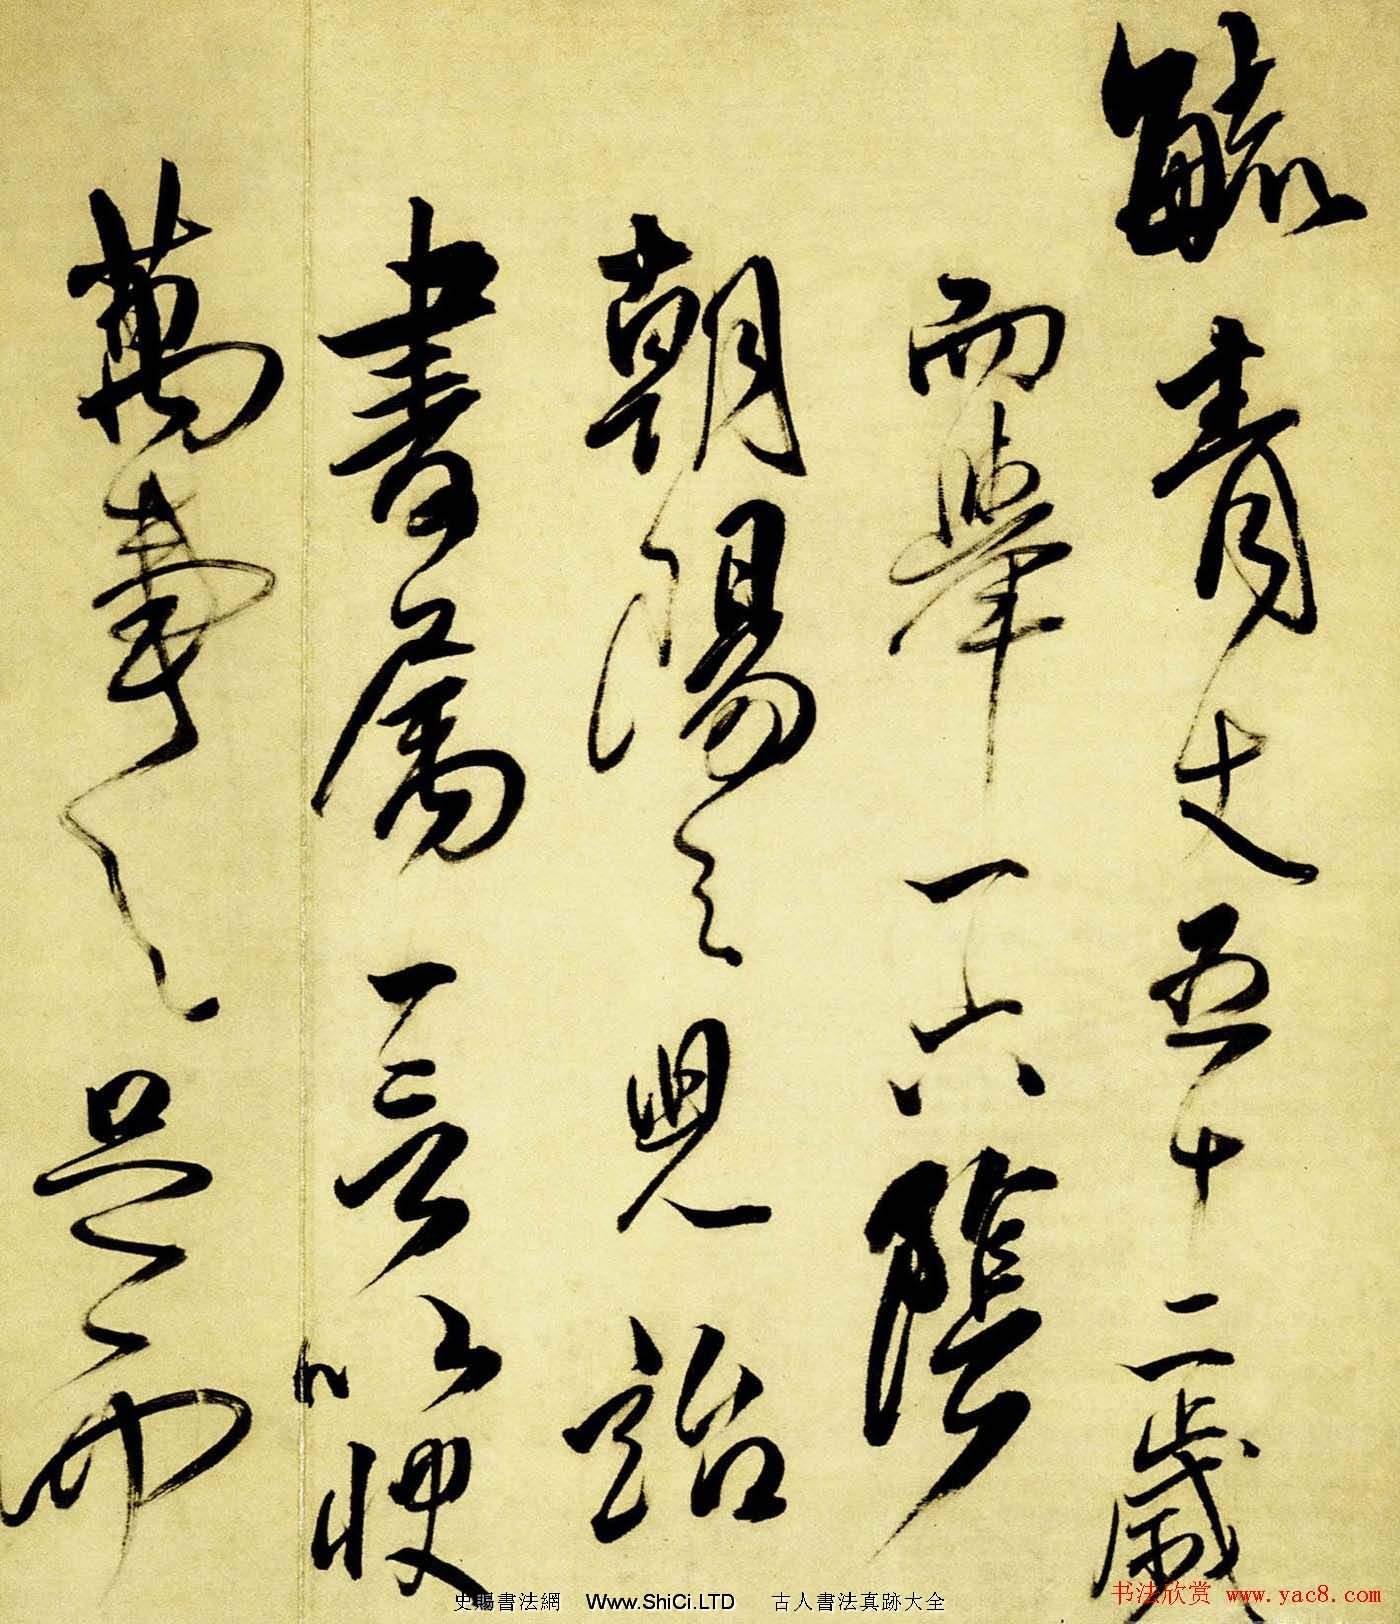 傅山行草書作品真跡《五言古詩卷》(共16張圖片)